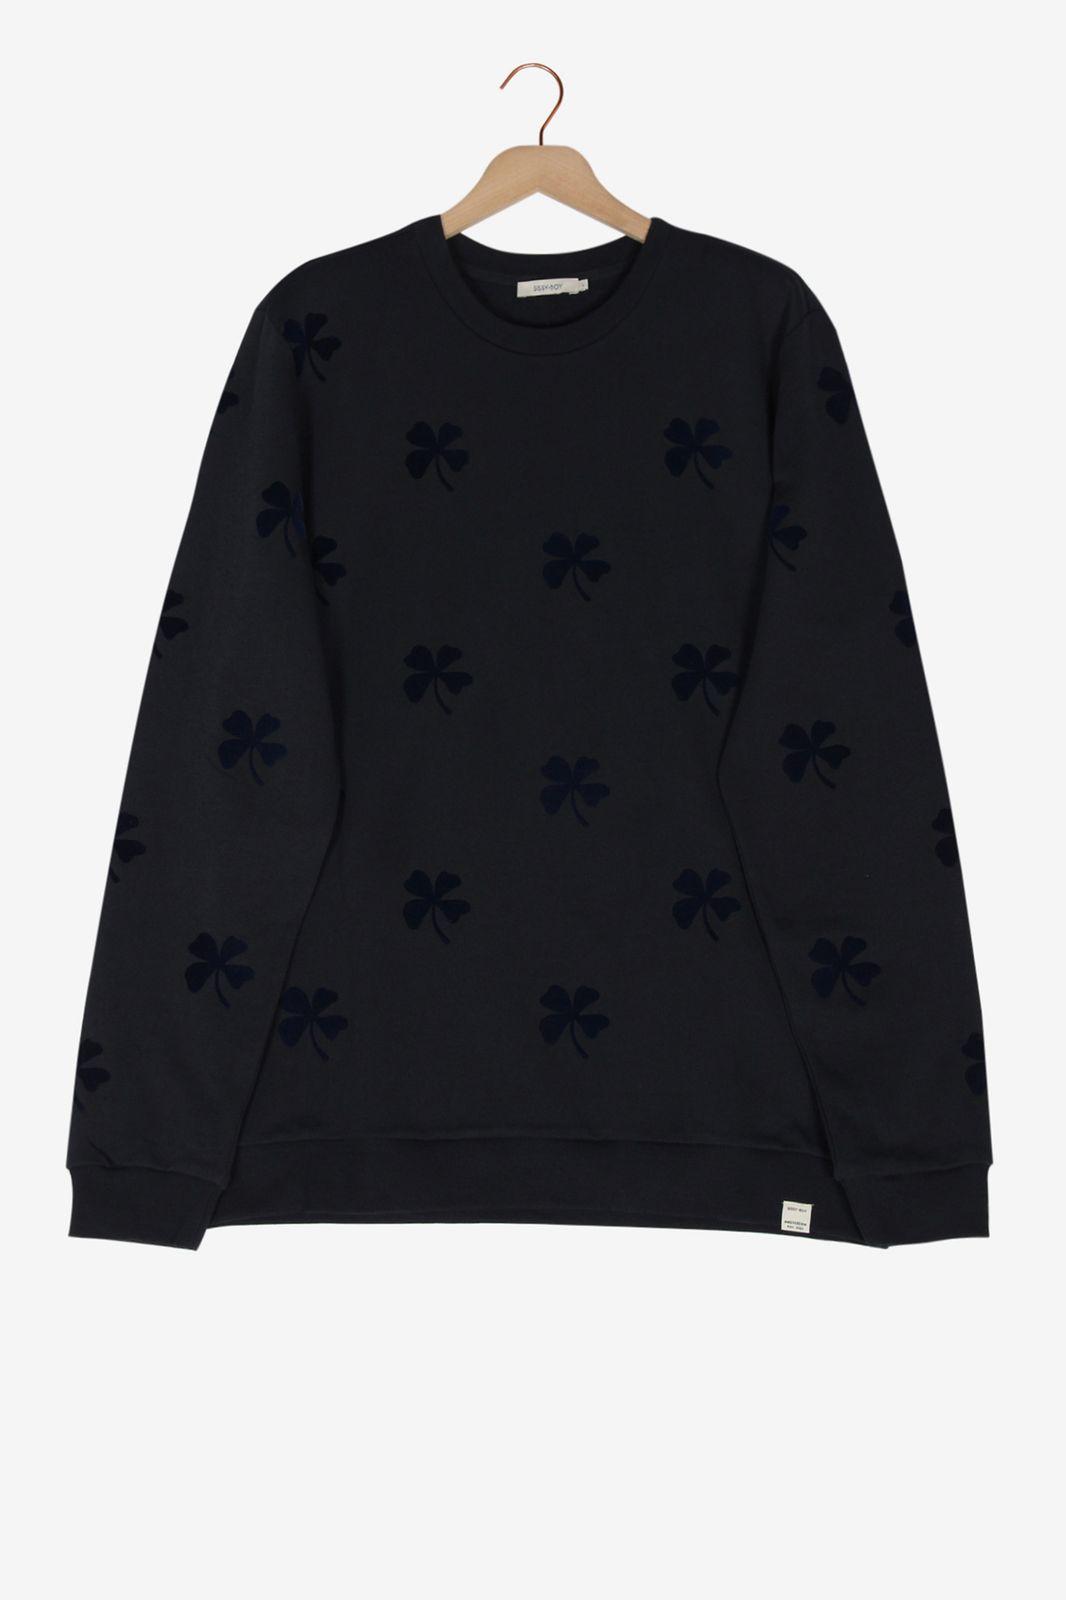 Donkerblauwe sweater met subtiele print - Heren | Sissy-Boy